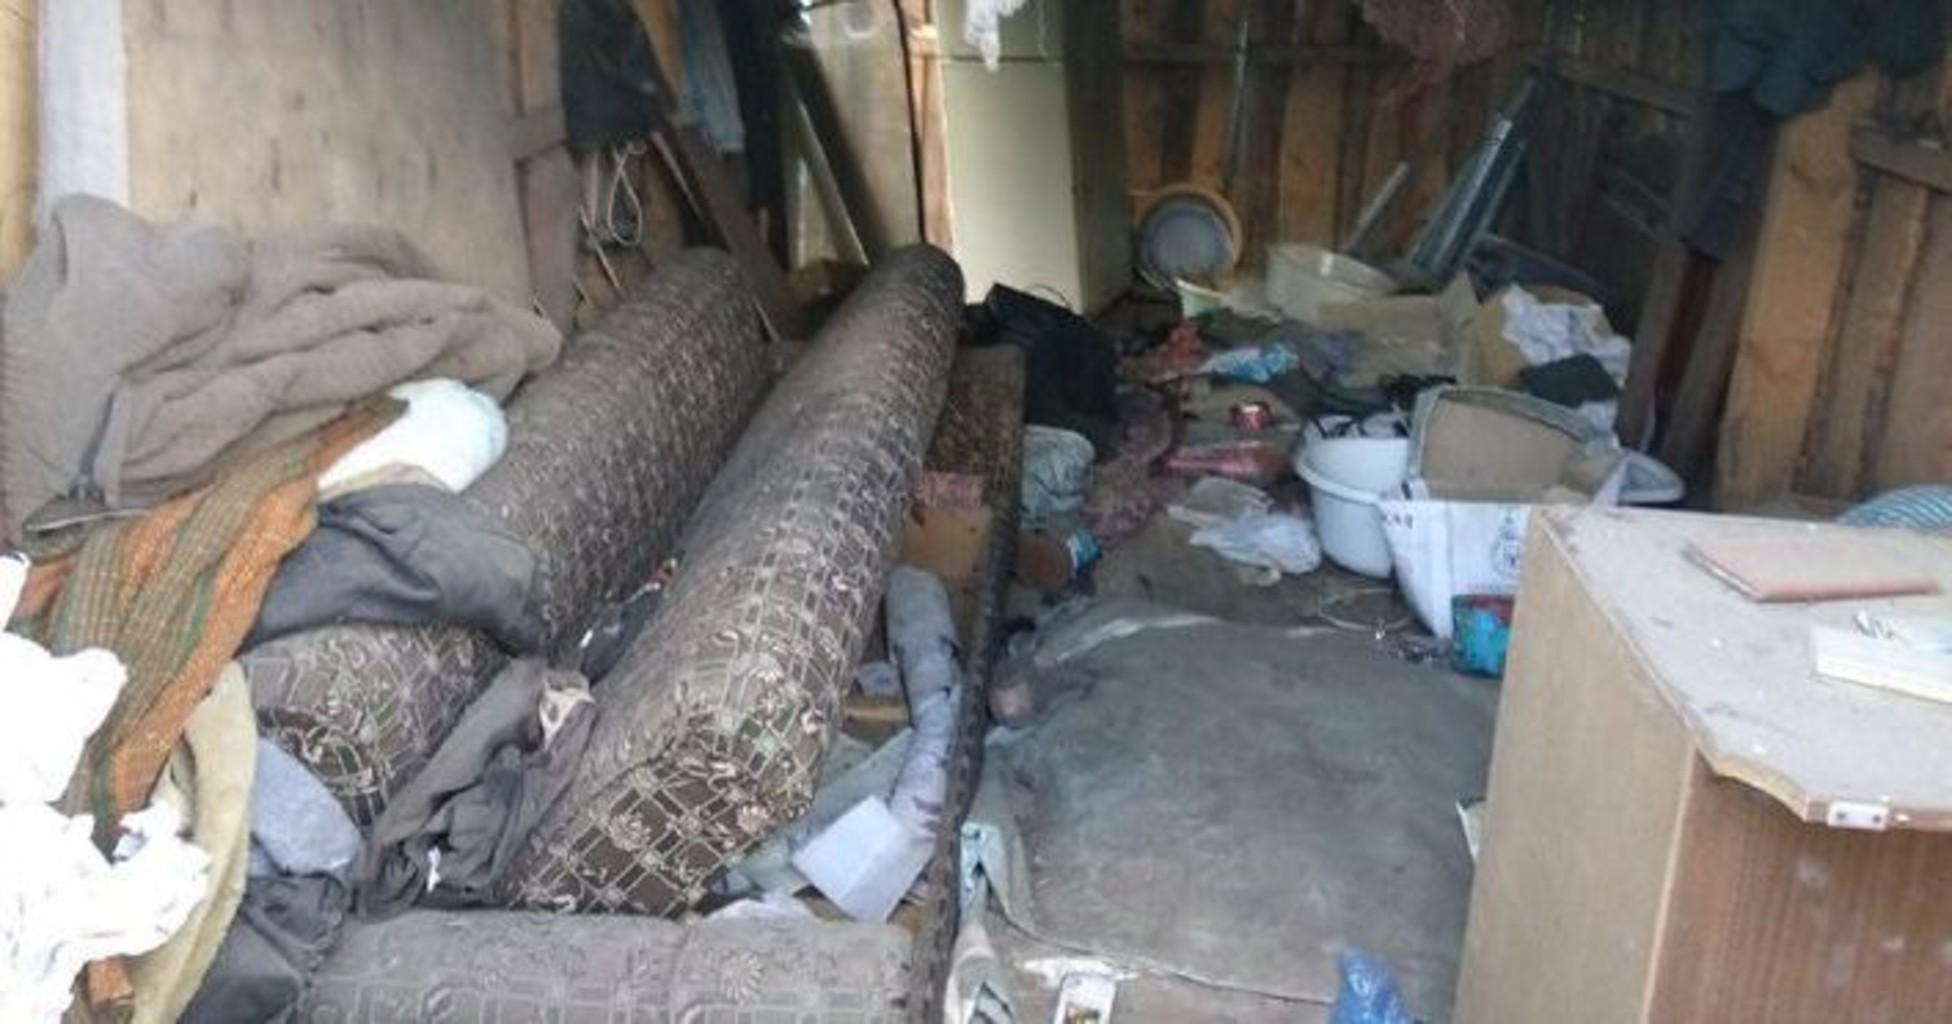 Lepel garazh rebenok 27052019 1